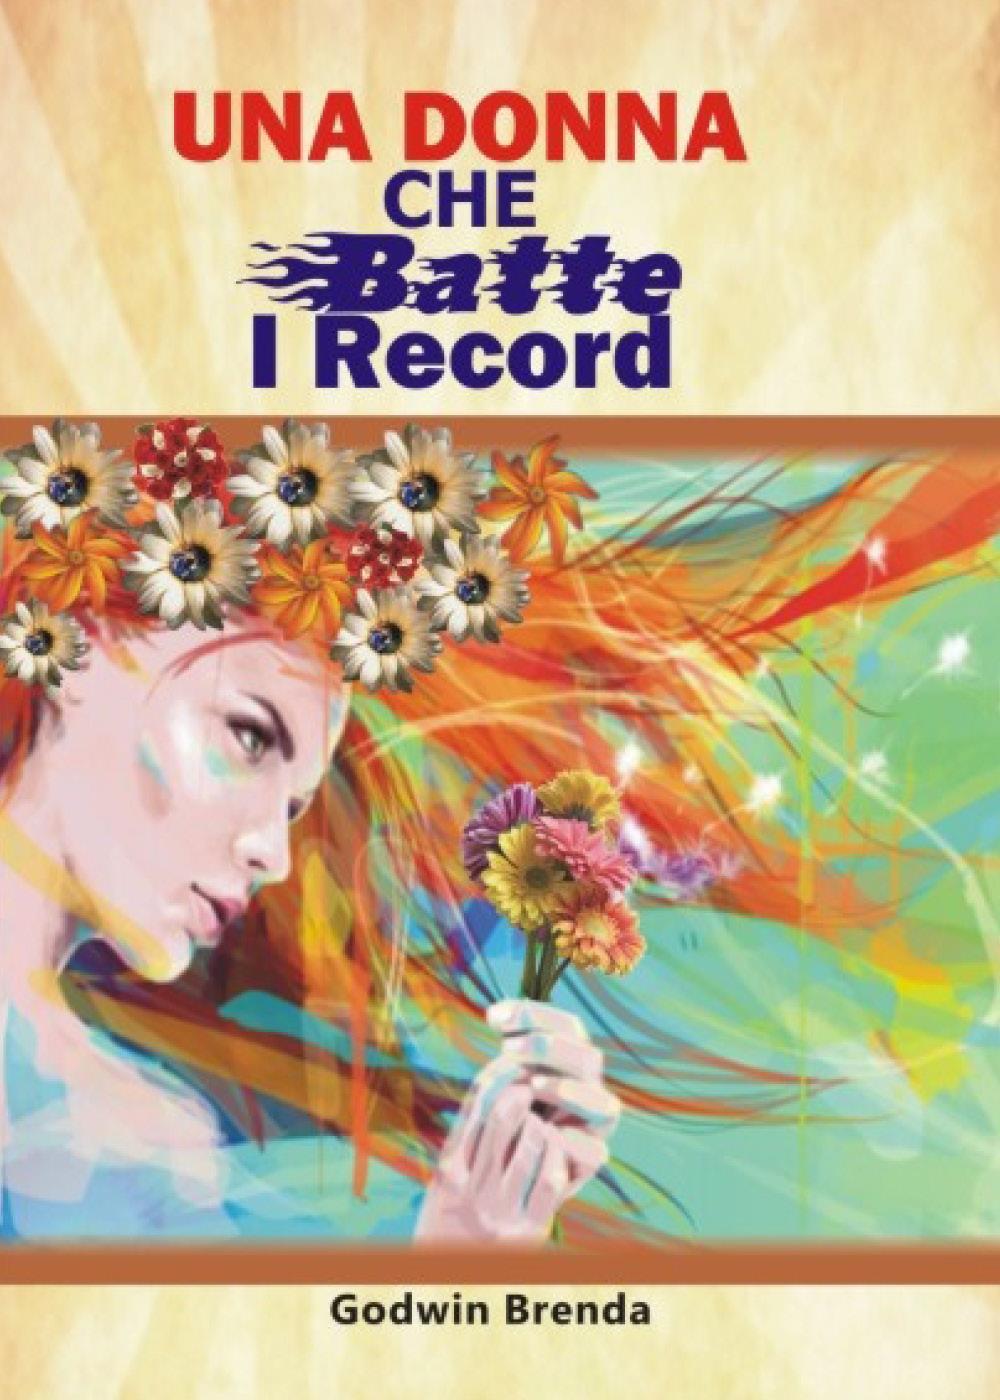 Una donna che batte i record